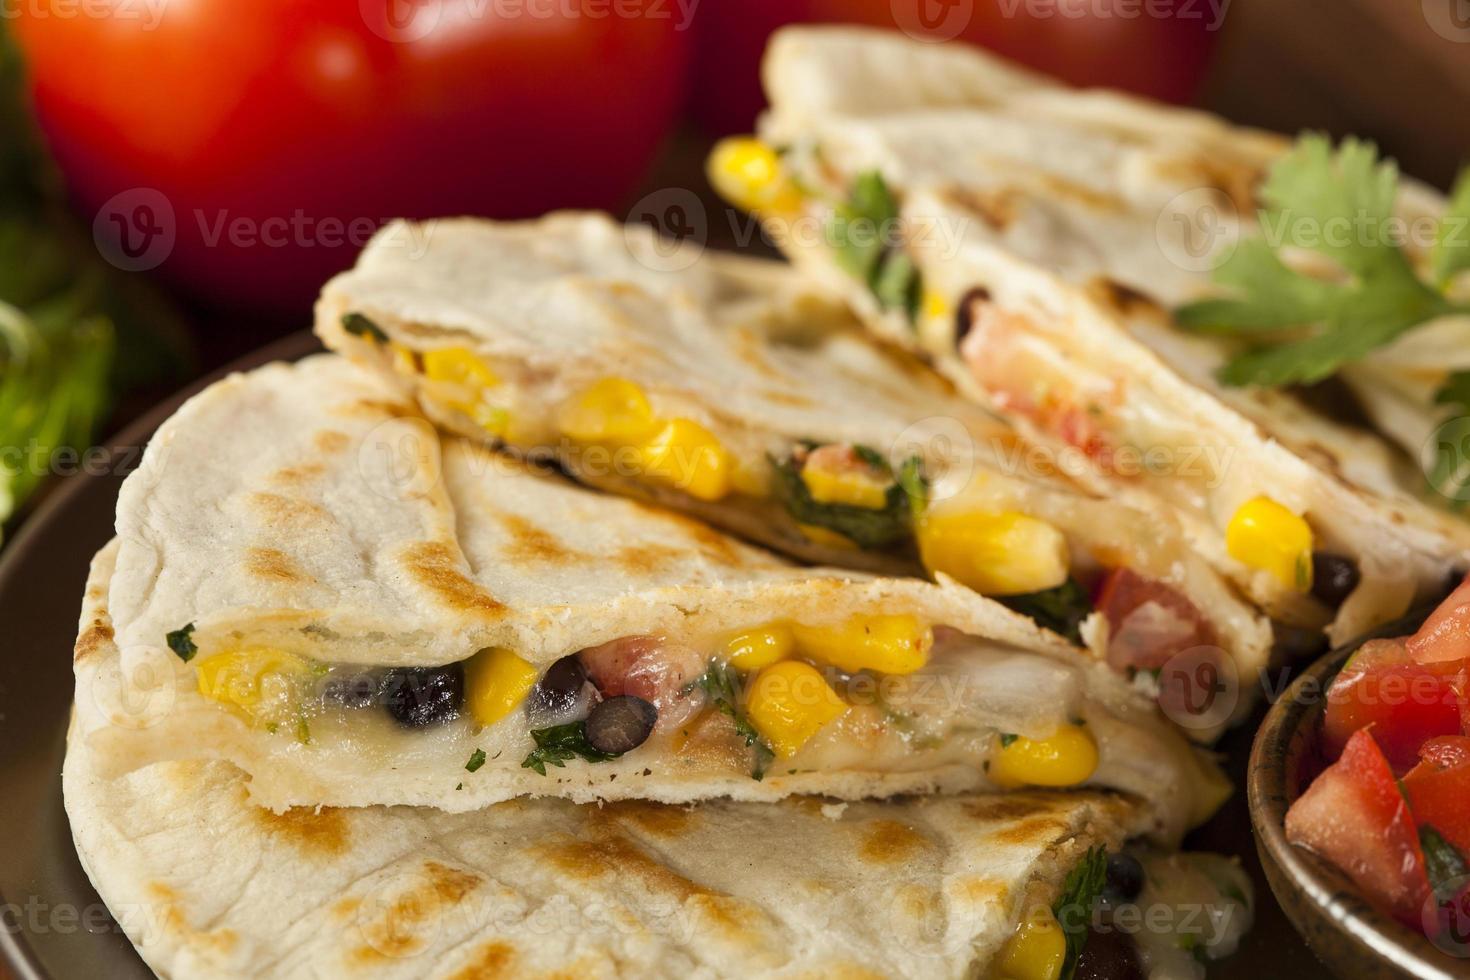 nyligen gjorda quesadillas med majs och bönor foto